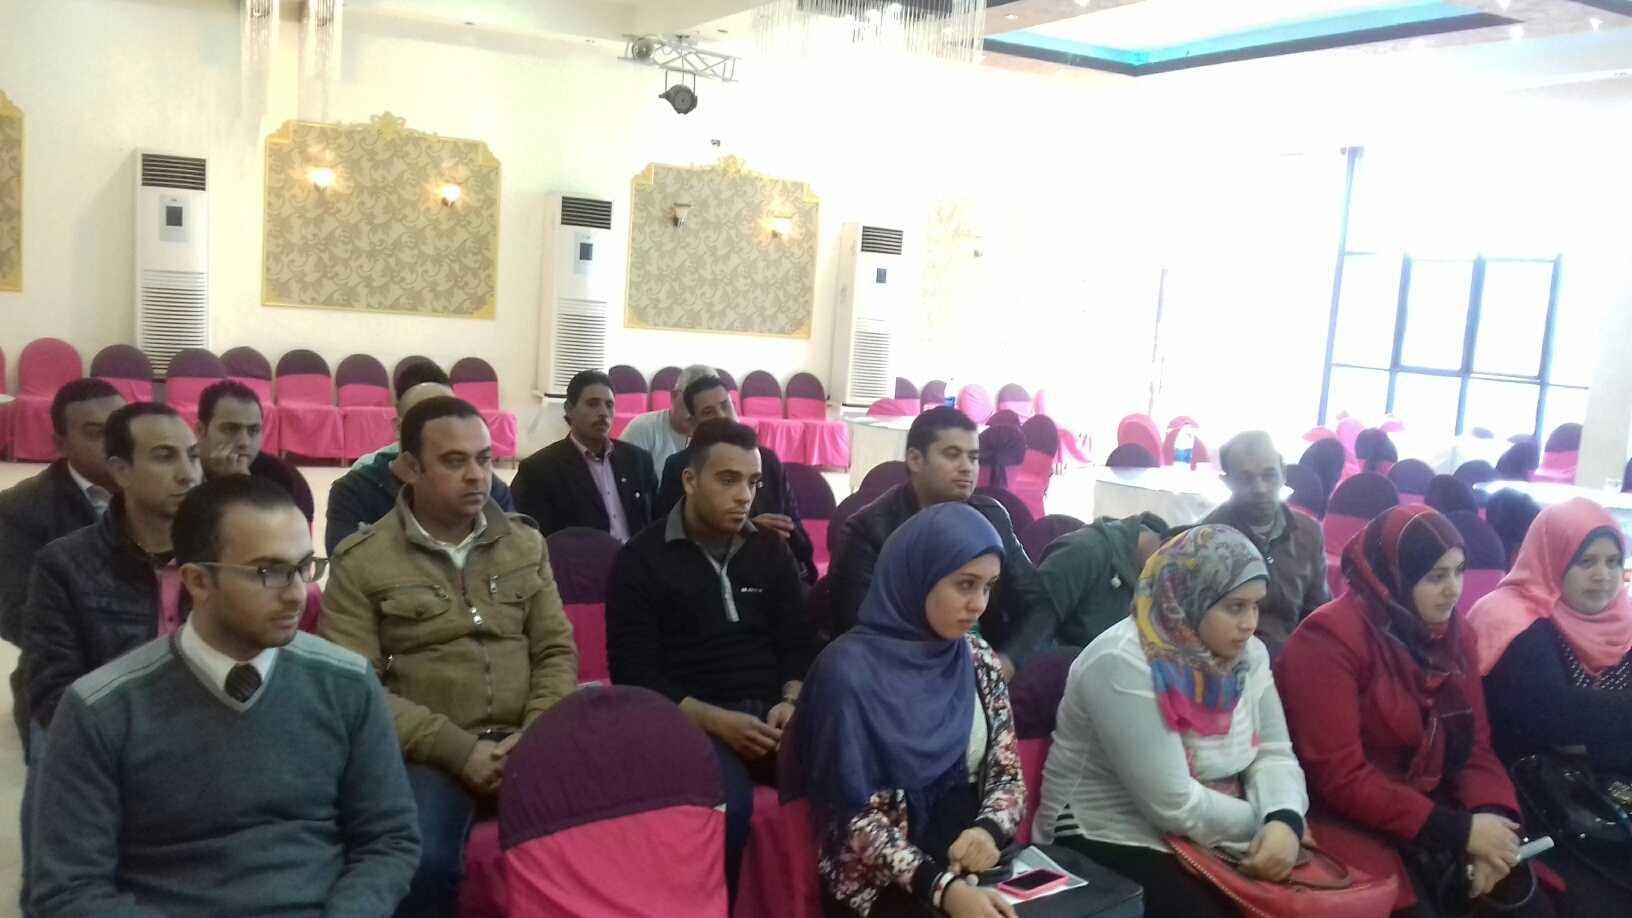 حملةالمحليات للشباب تقيم دورات على المحليات بديرب نجم (3)